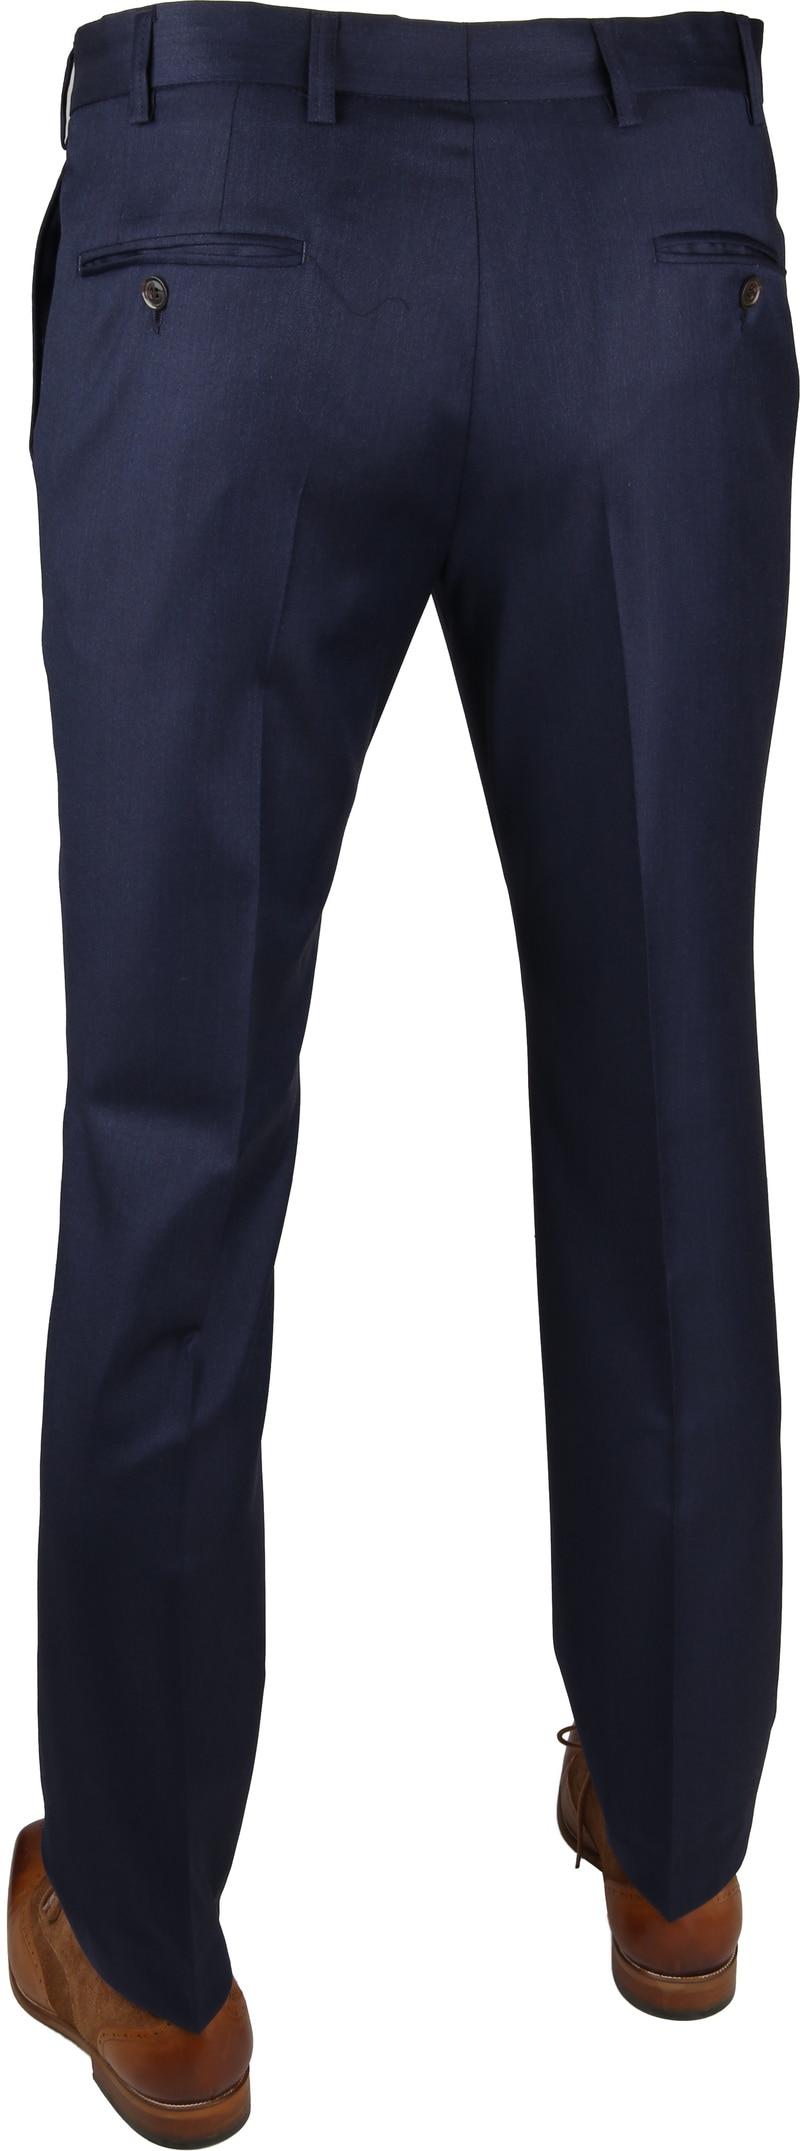 Suitable Pantalon Evans Navy photo 3